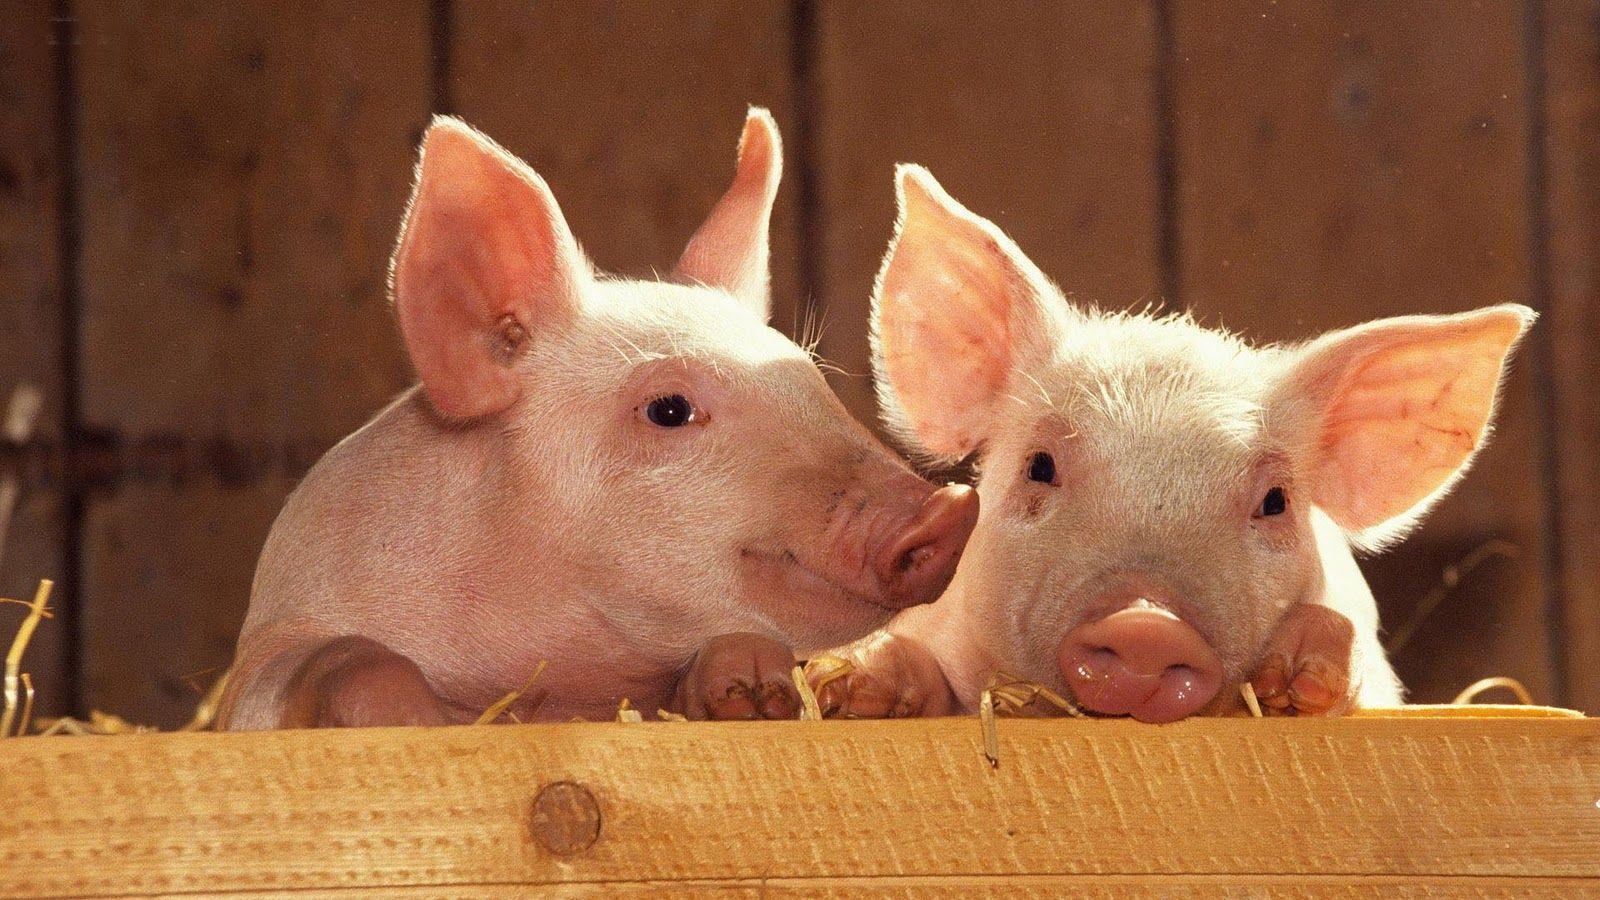 pig cute wallpapers pigs